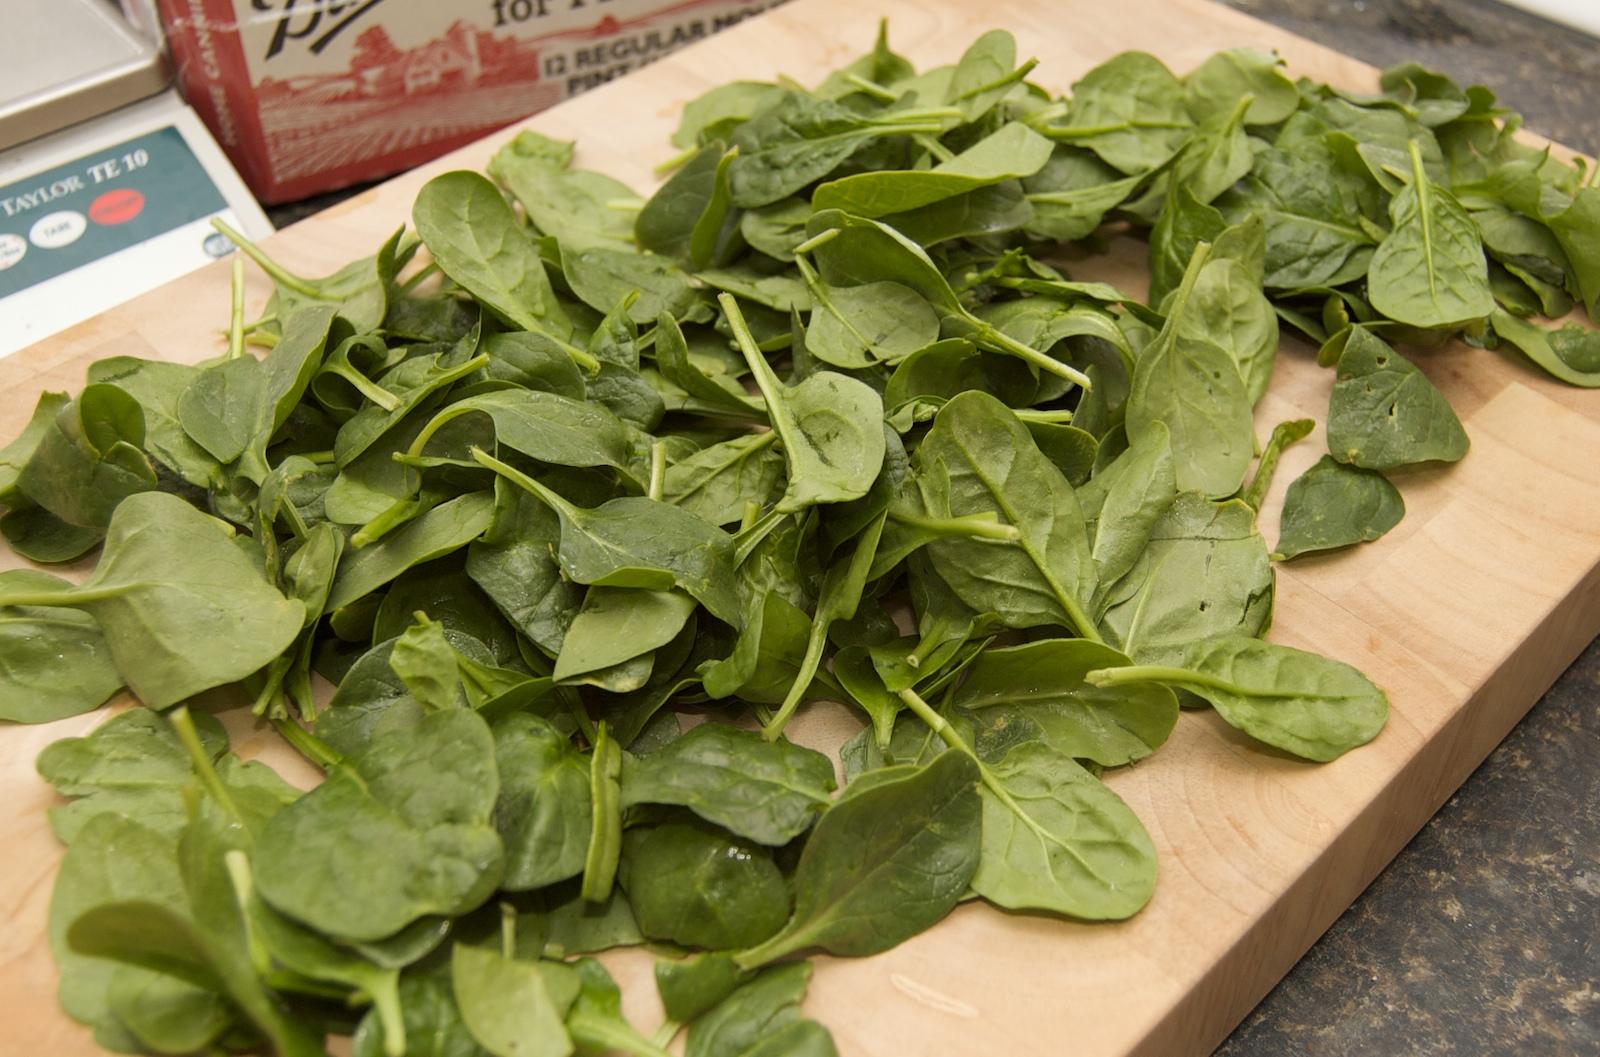 http://blog.rickk.com/food/2010/04/08/salad1.jpg